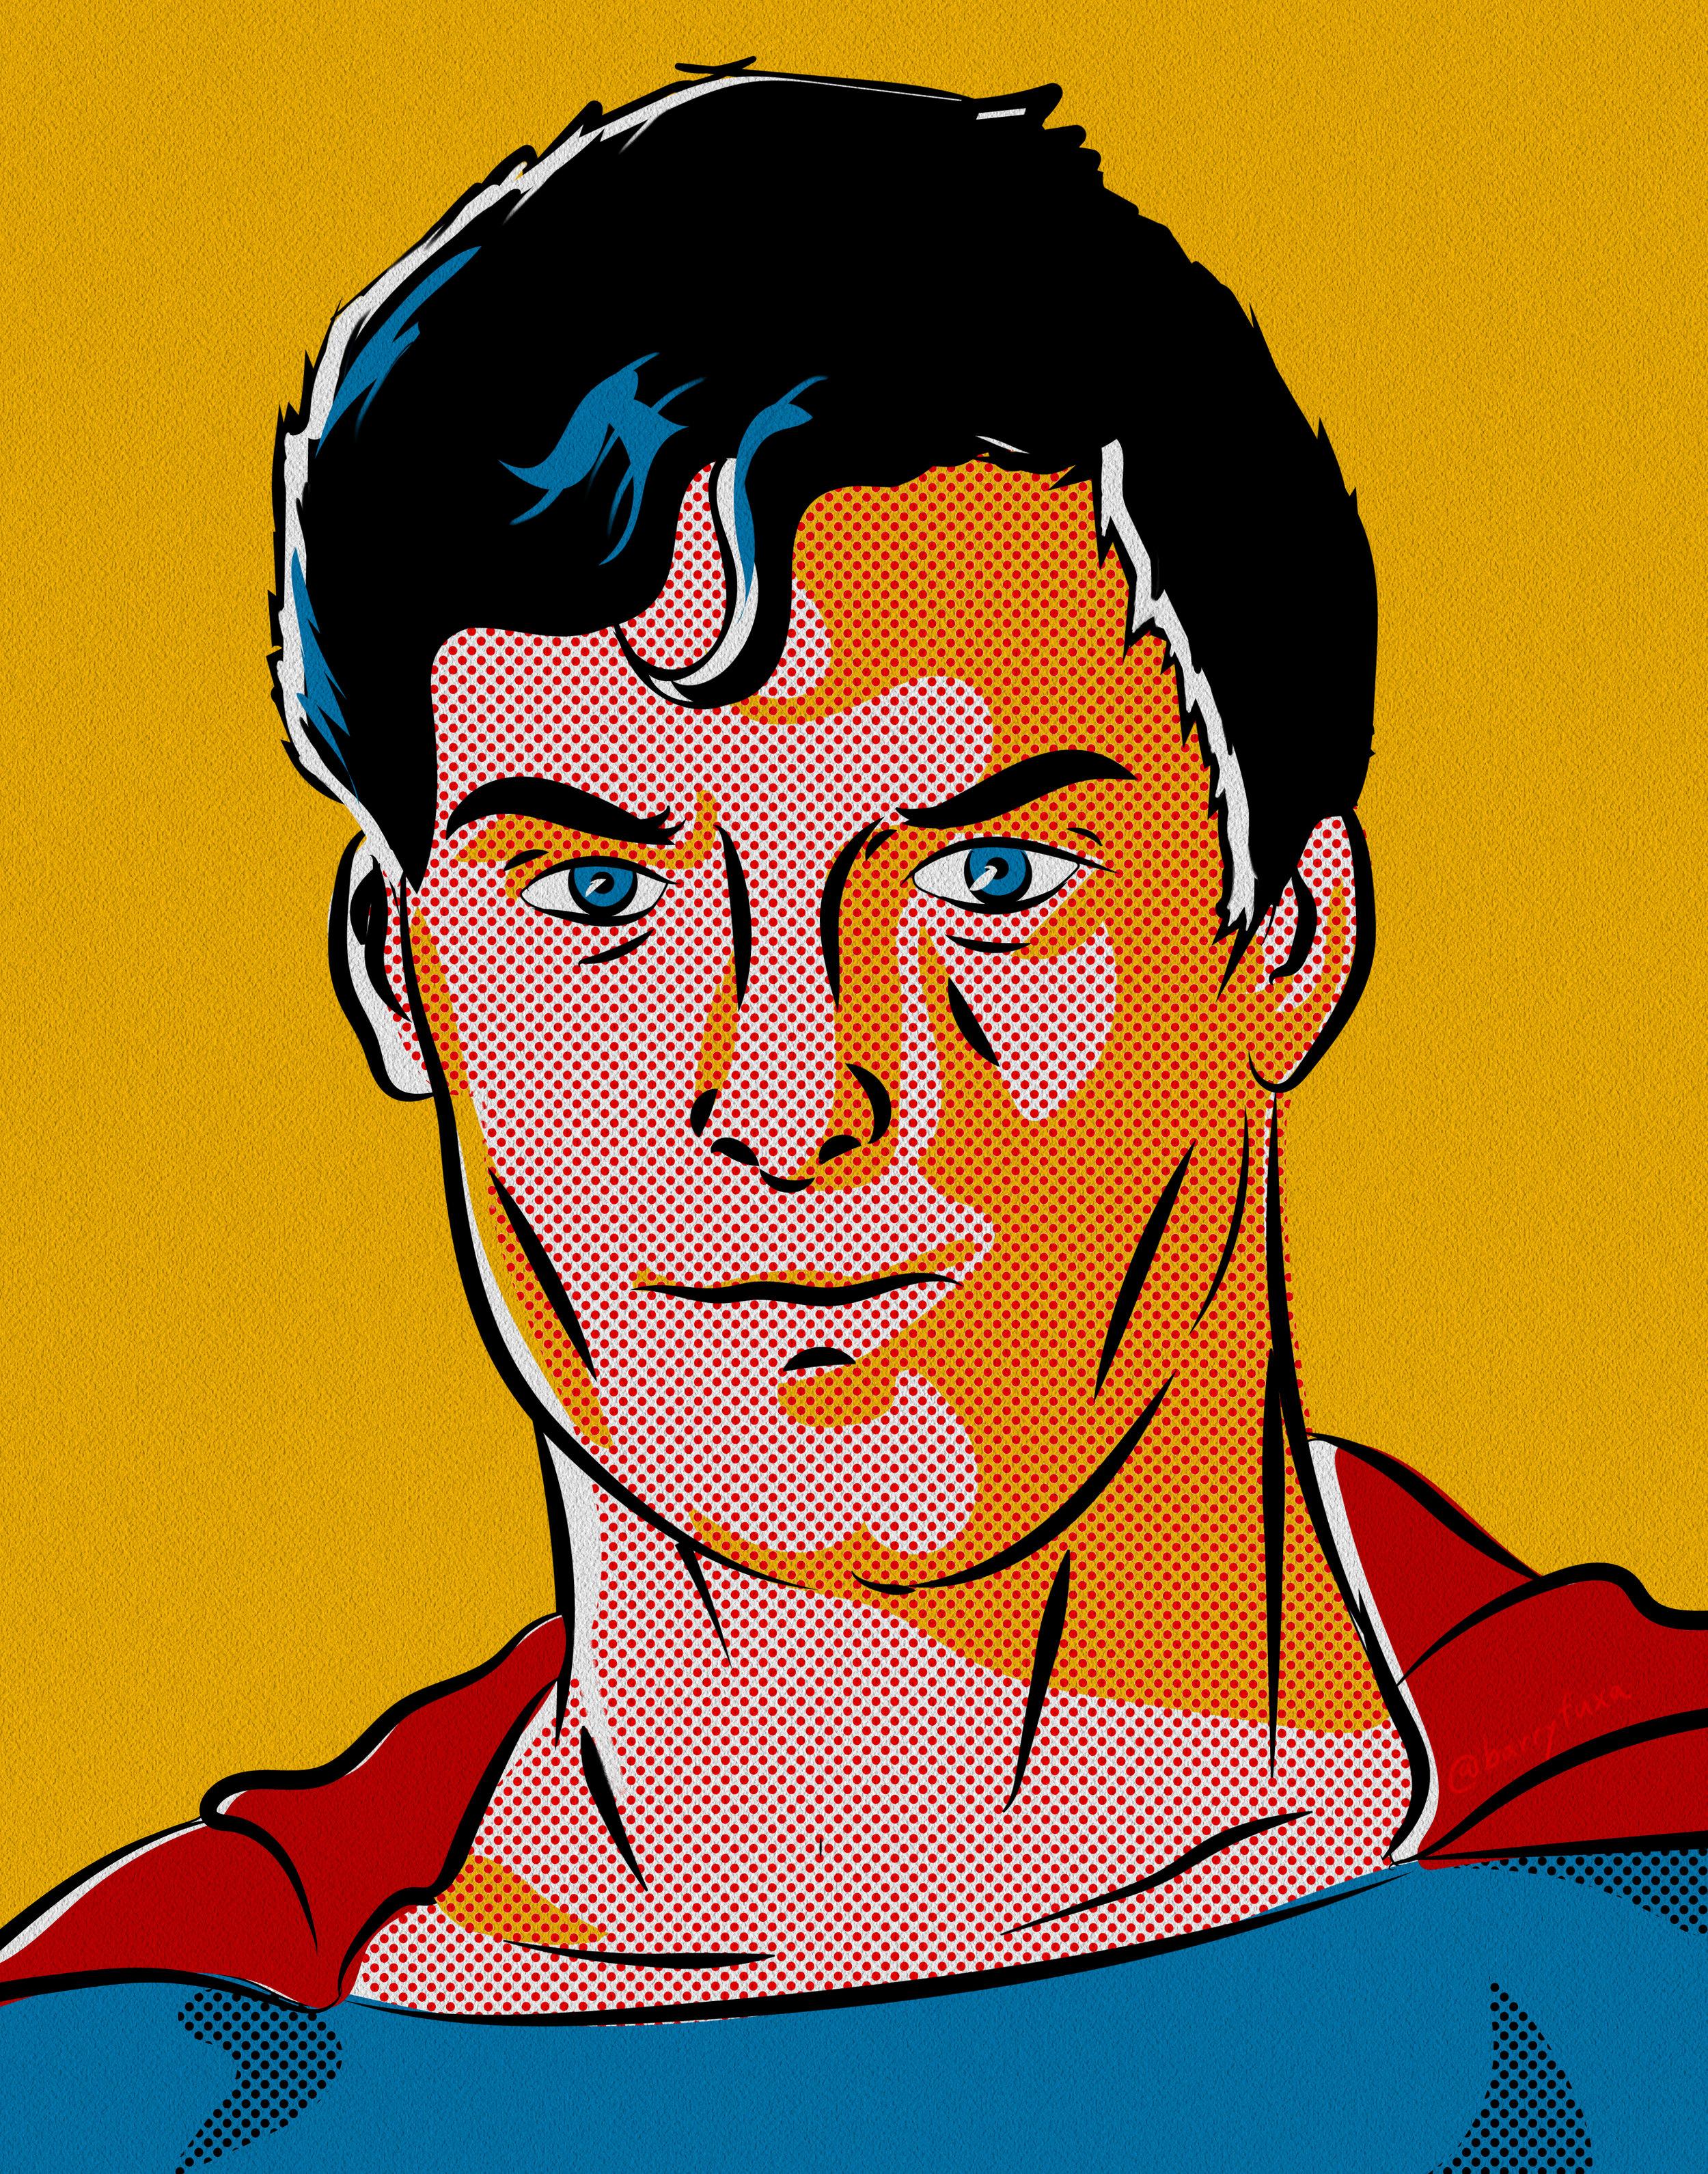 superman lichtinstein-01.jpg